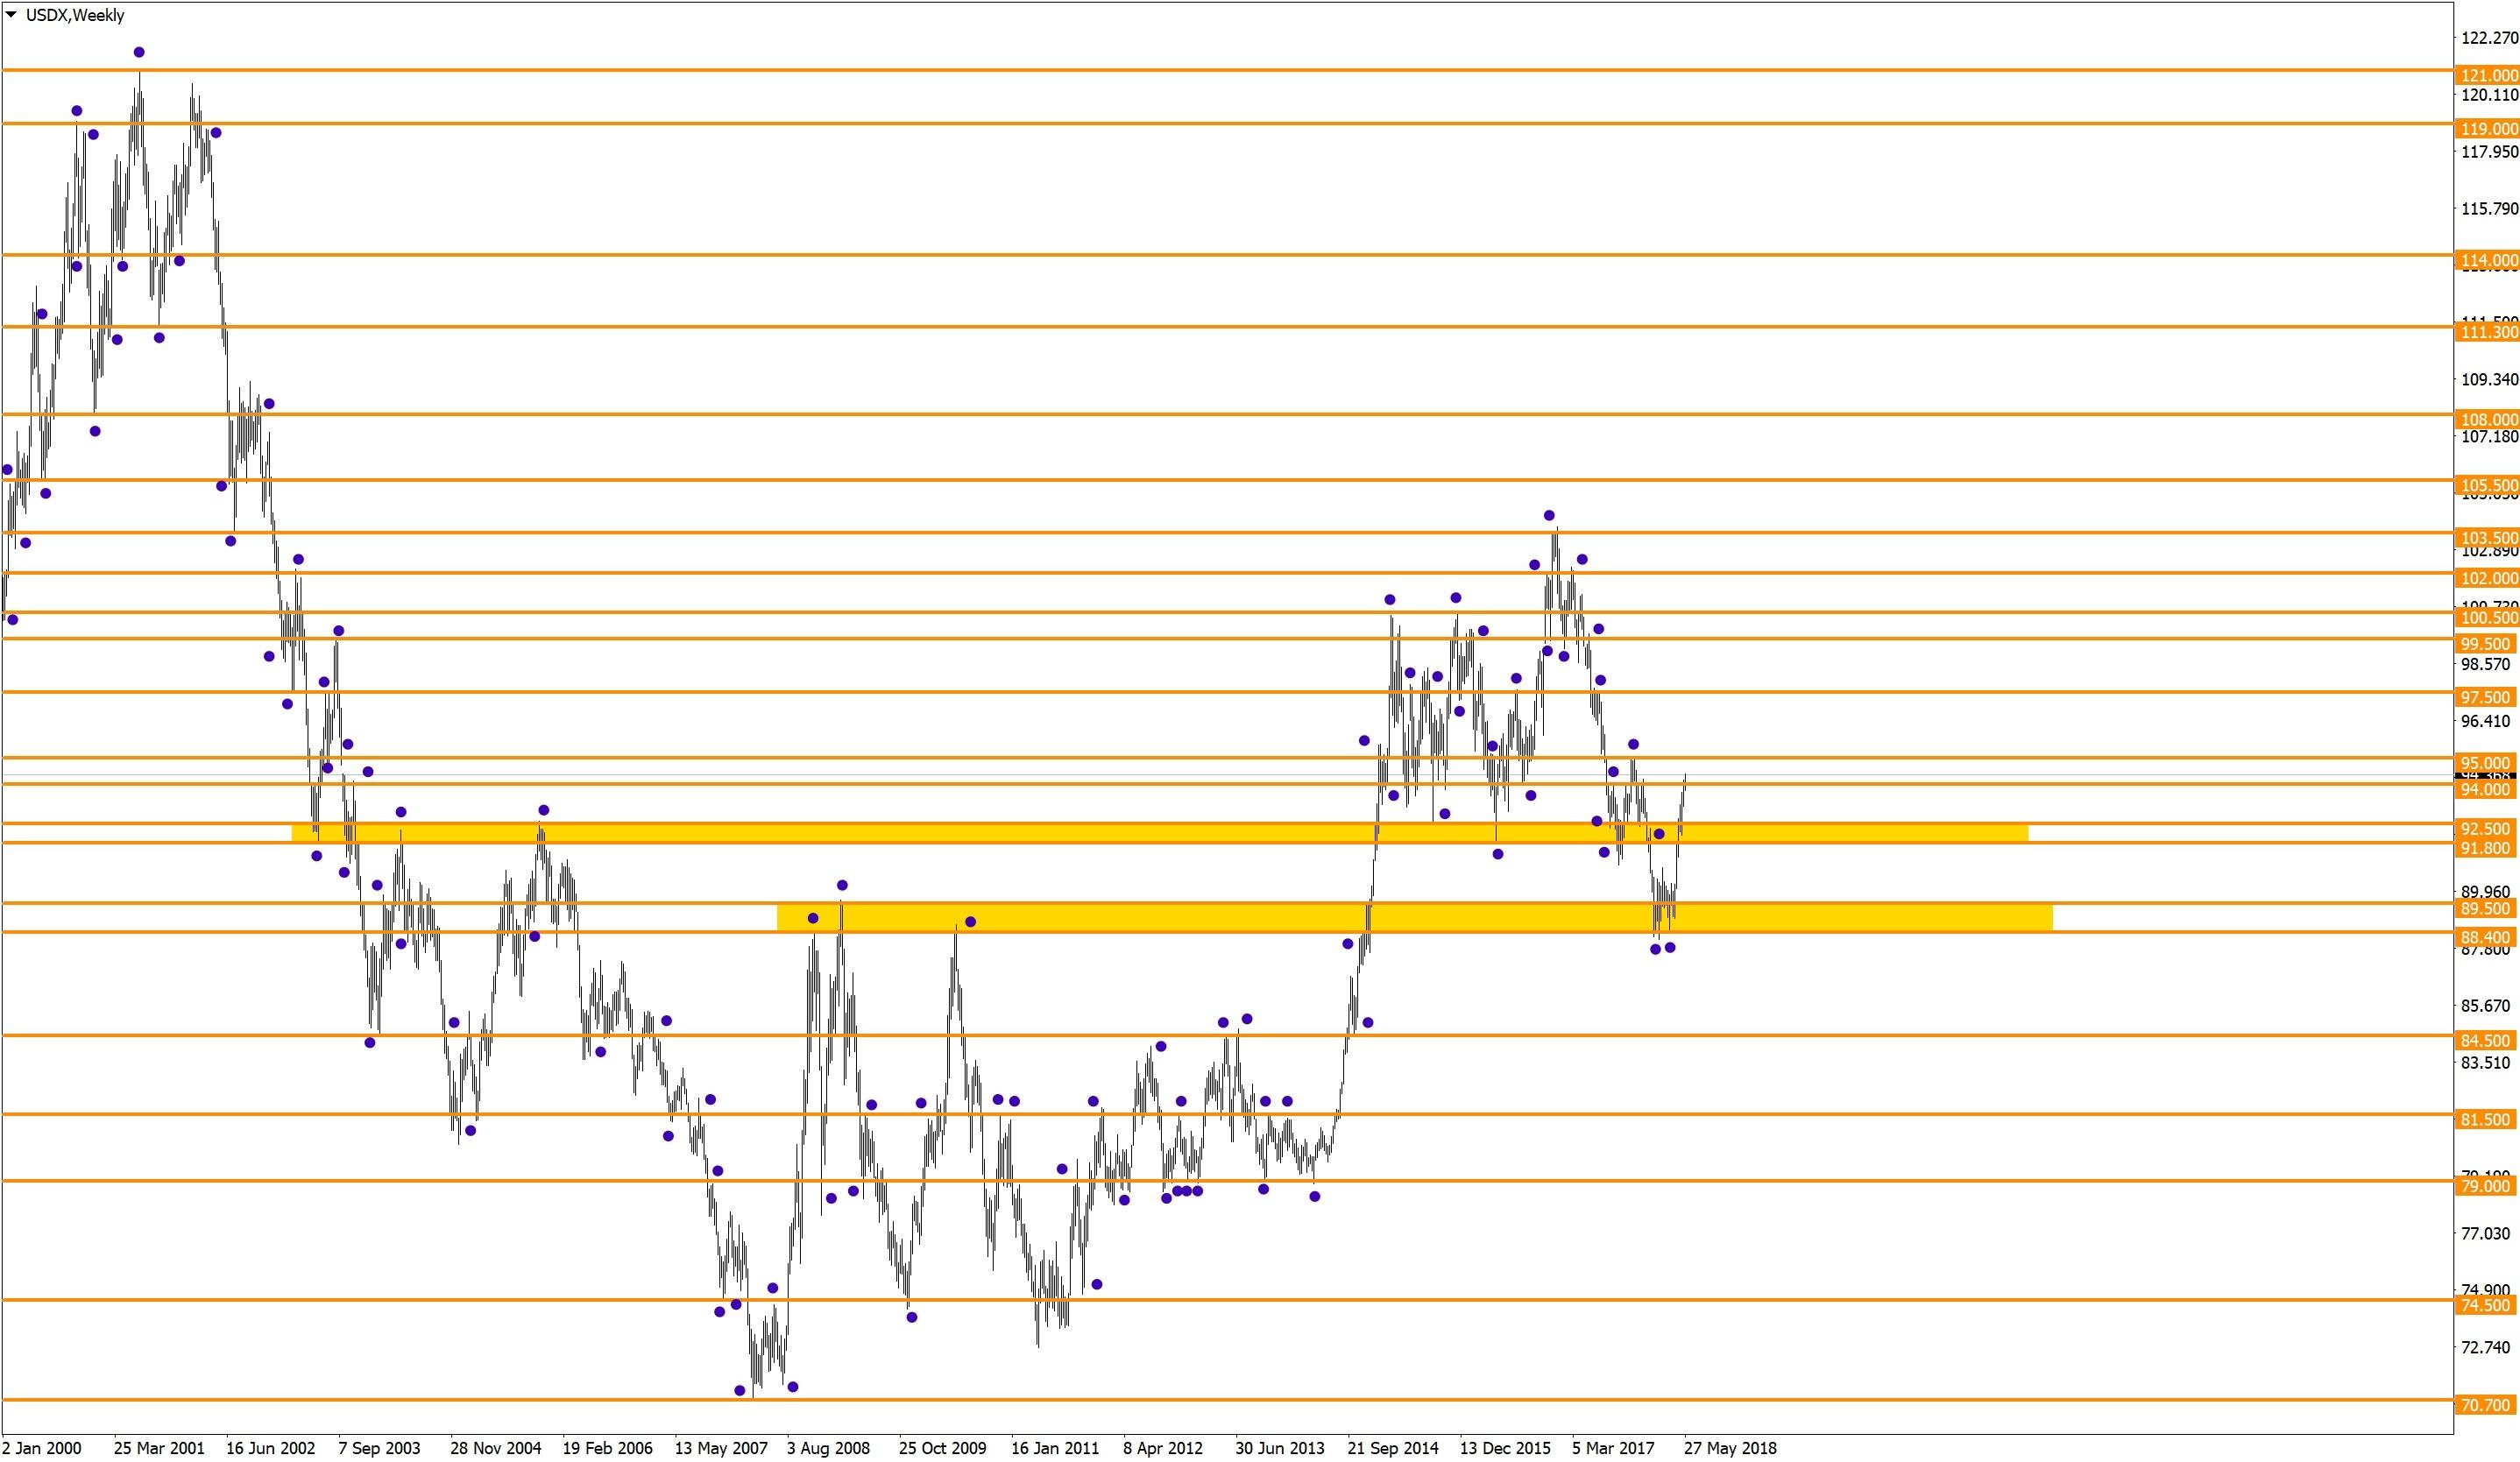 Долгосрочные уровни индекса доллара США (USDX)